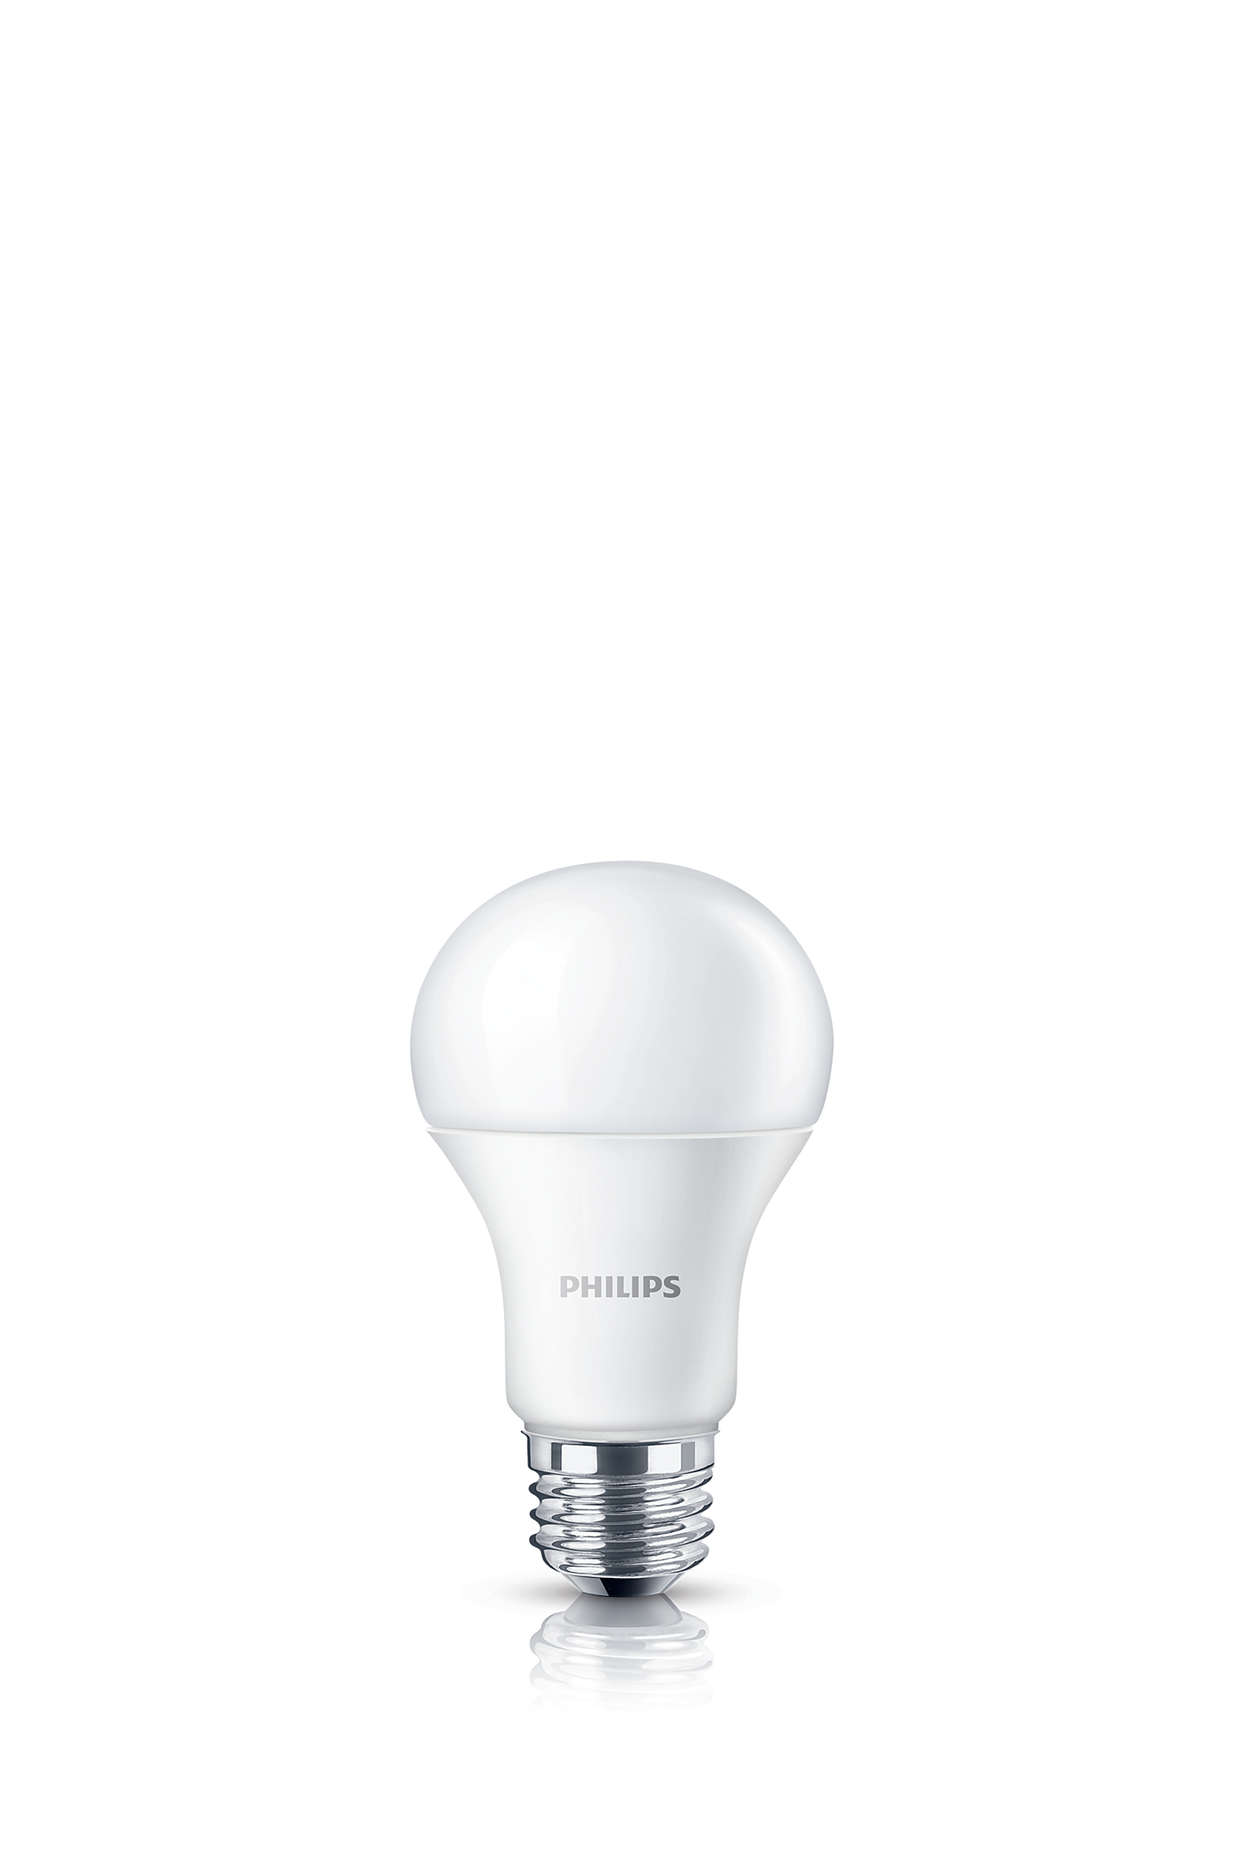 Hűvös fehér fény, minőségi kompromisszumok nélkül